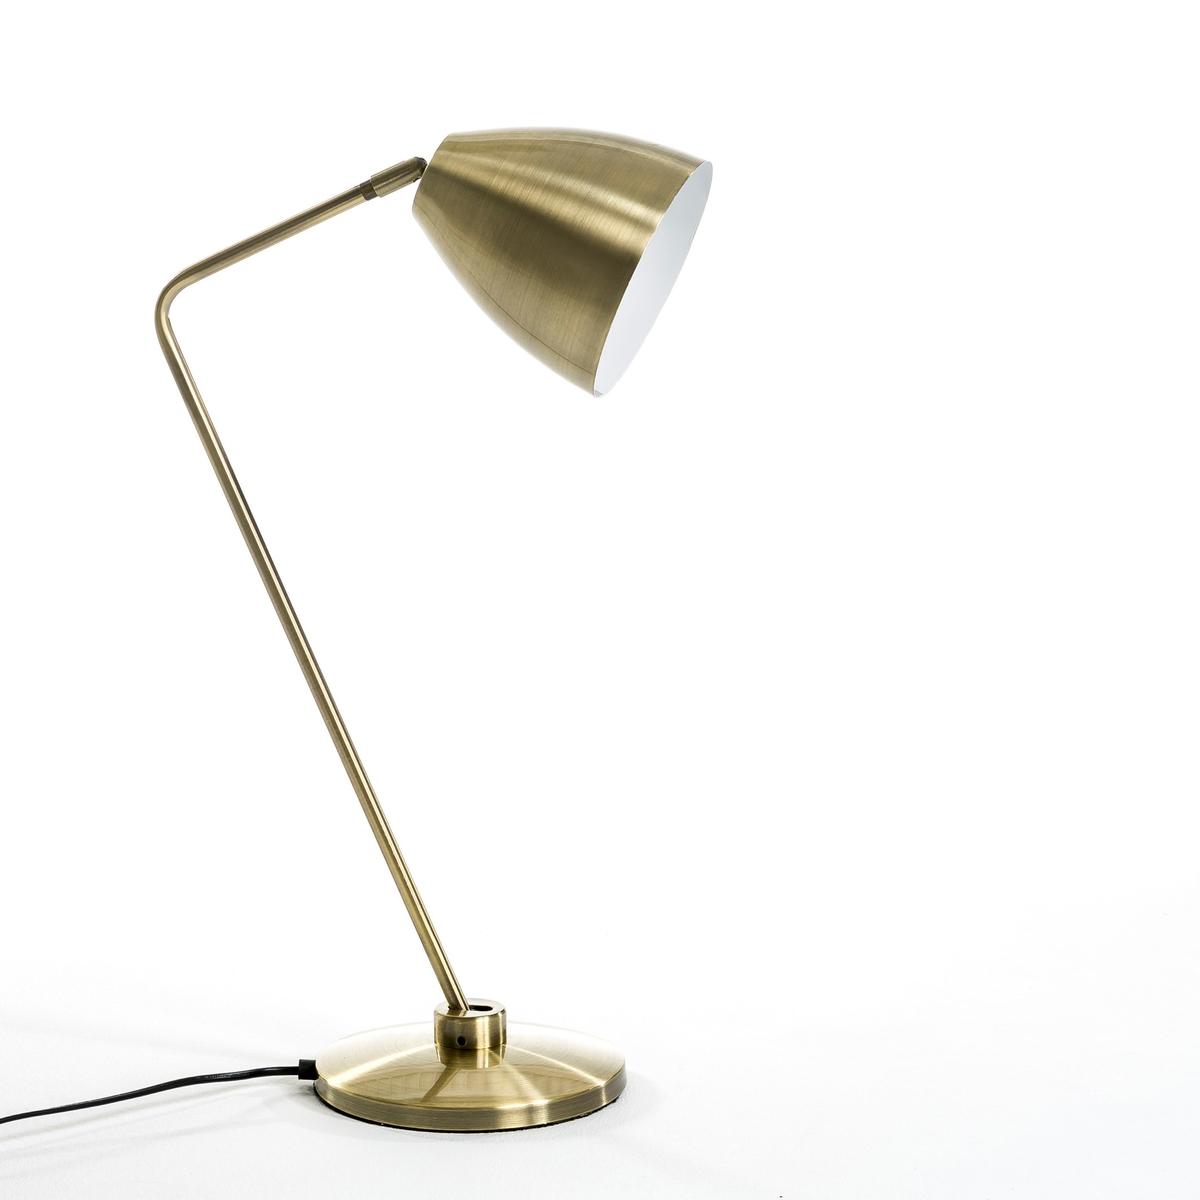 Лампа настольная, TashaЛампа настольная, Tasha . Эта декоративная настольная лампа в духе 60-х снабжена отражателем и стержнем на шаровых шарнирах для направленного освещения .Характеристики :- Патрон E27 для флюокомпактной лампочки макс 11W (не входит в комплект)  . - Этот светильник совместим с лампочками    энергетического класса   A .    - Этот товар может подойти для спальни ребенка старше 14 лет в зависимости от действующих требований  .Размеры :- Выс 54,5 см .- ? низа 19 см .<br><br>Цвет: латунь